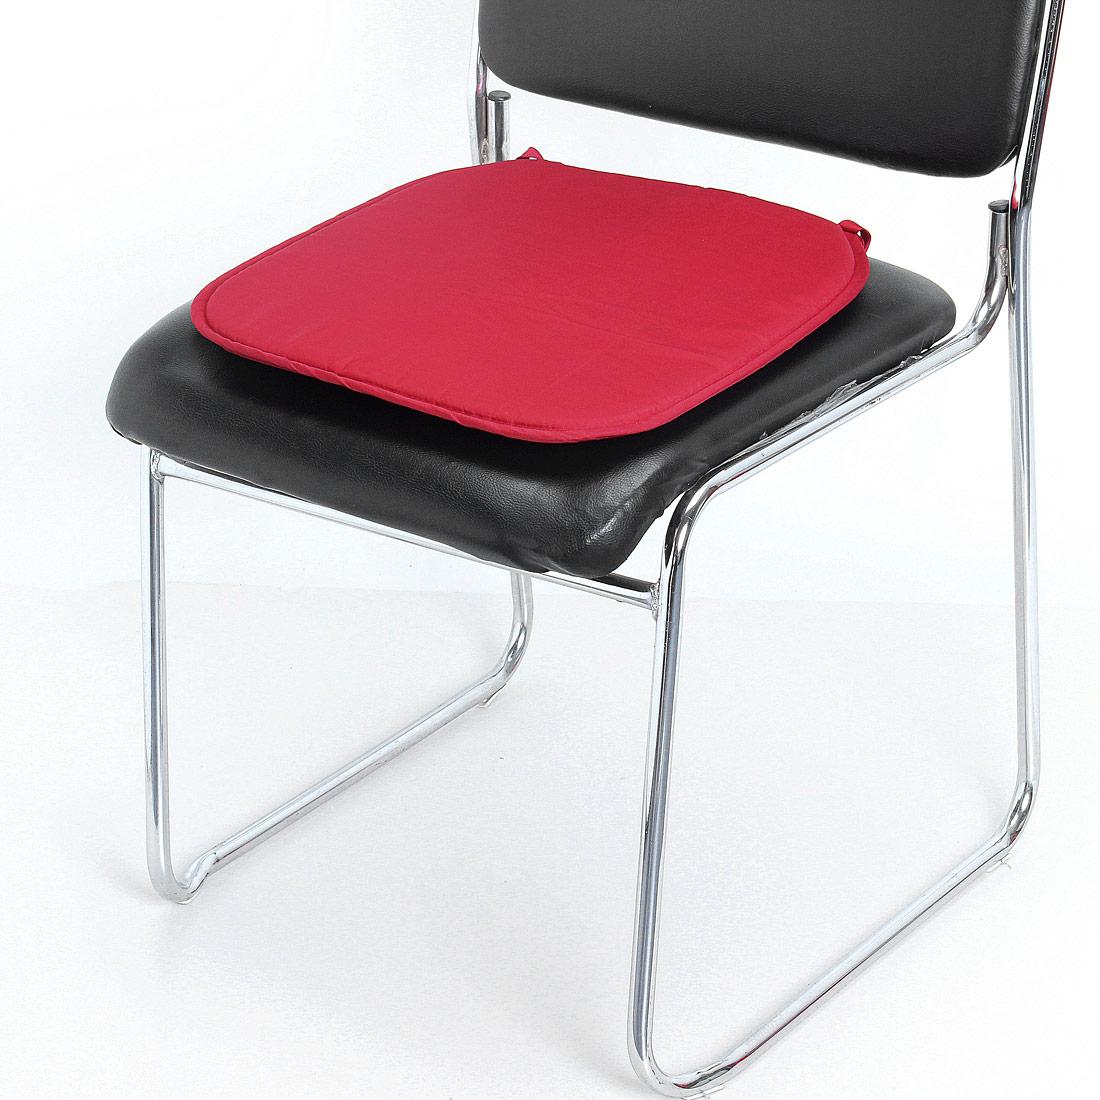 coussins galette dessus de chaise coton siege auto bureau fauteuil nouveau. Black Bedroom Furniture Sets. Home Design Ideas